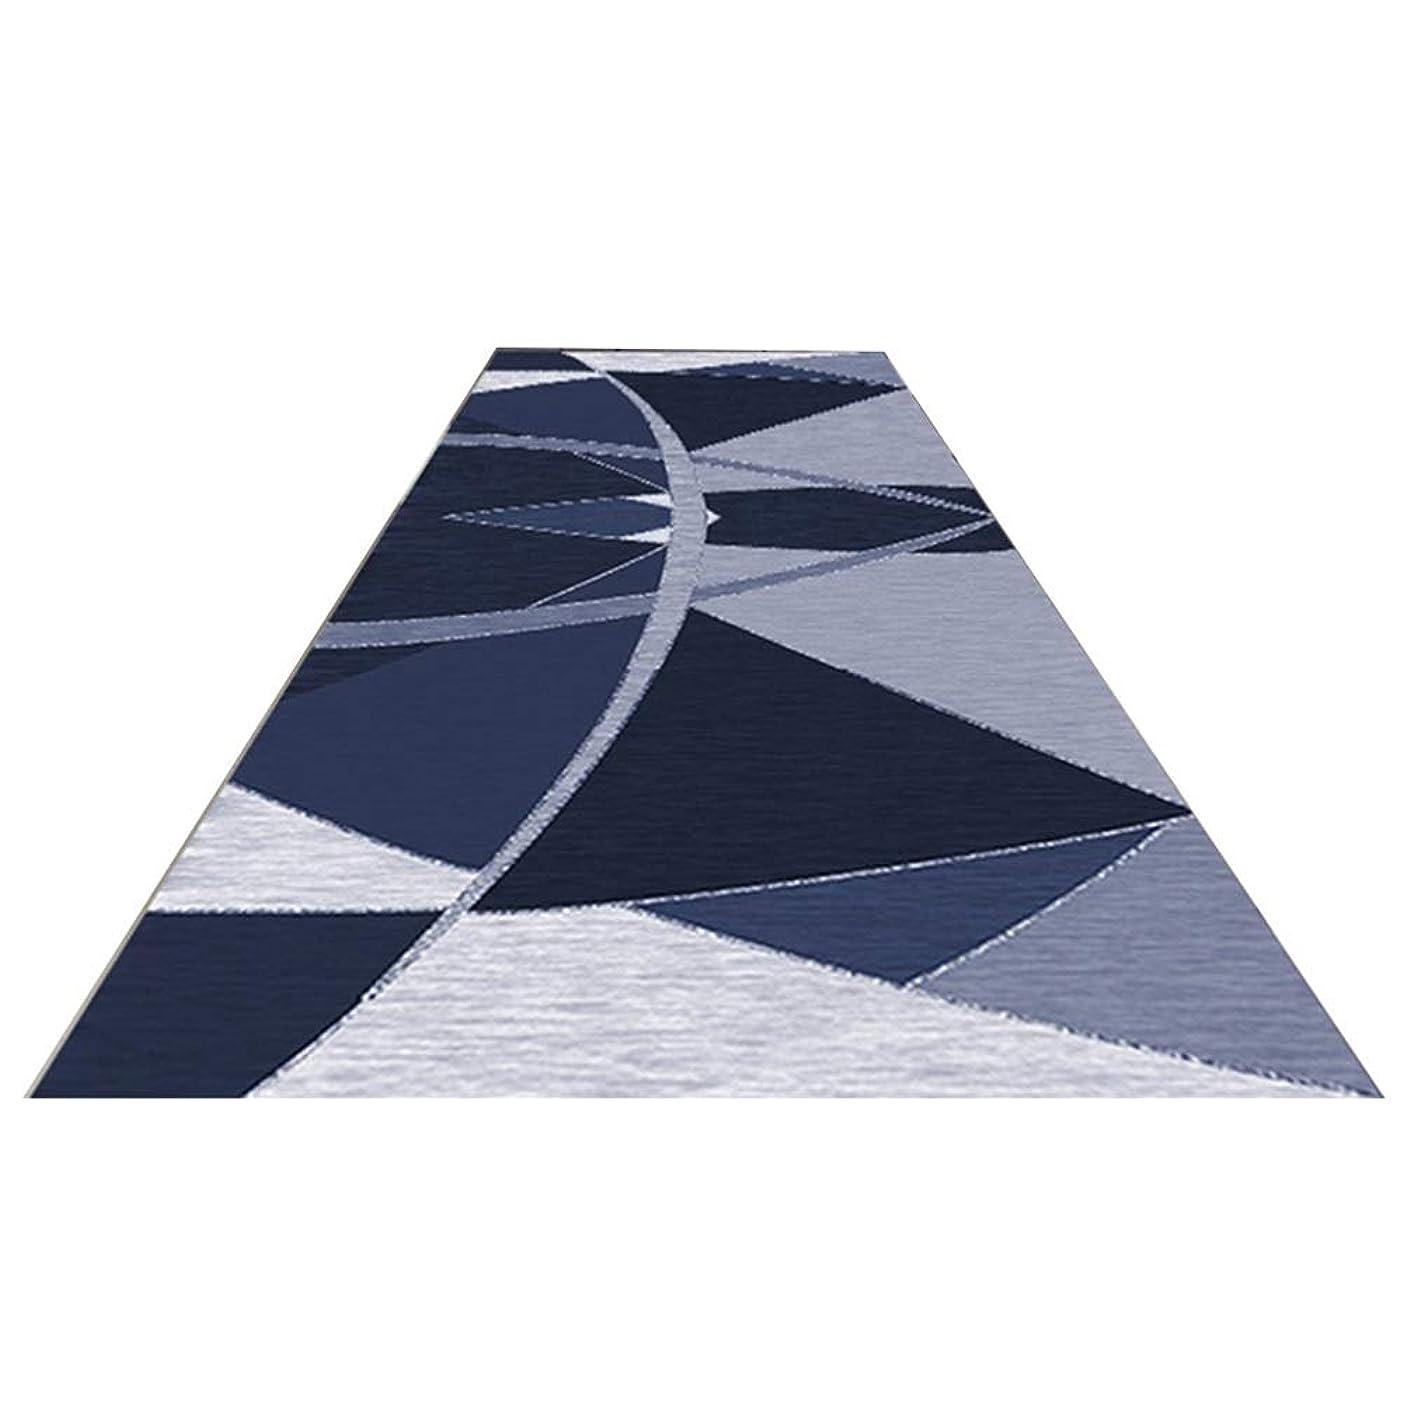 小学生ソロずらすLJJL 廊下のカーペット 廊下非リビングルームベッドルームキッチンオフィスフロア装飾するためのエリアラグカーペットエクストラロングカーペットスリップ (Size : 60×100CM)